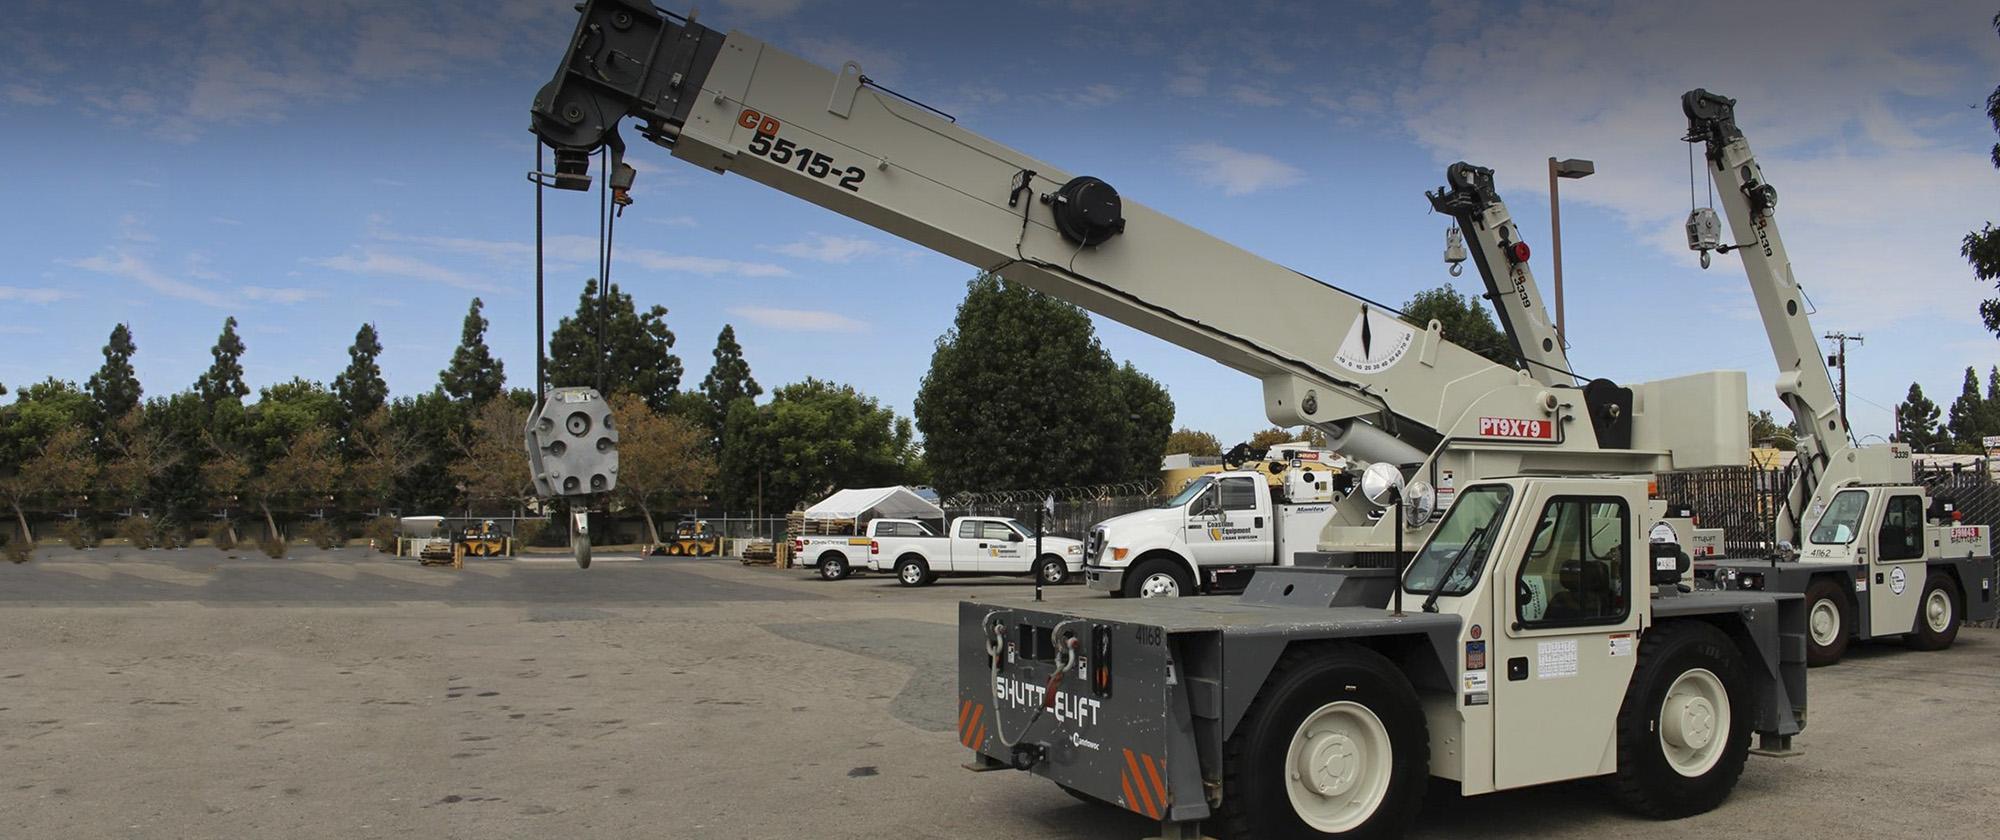 Crane Service | Coastline Equipment Crane Division